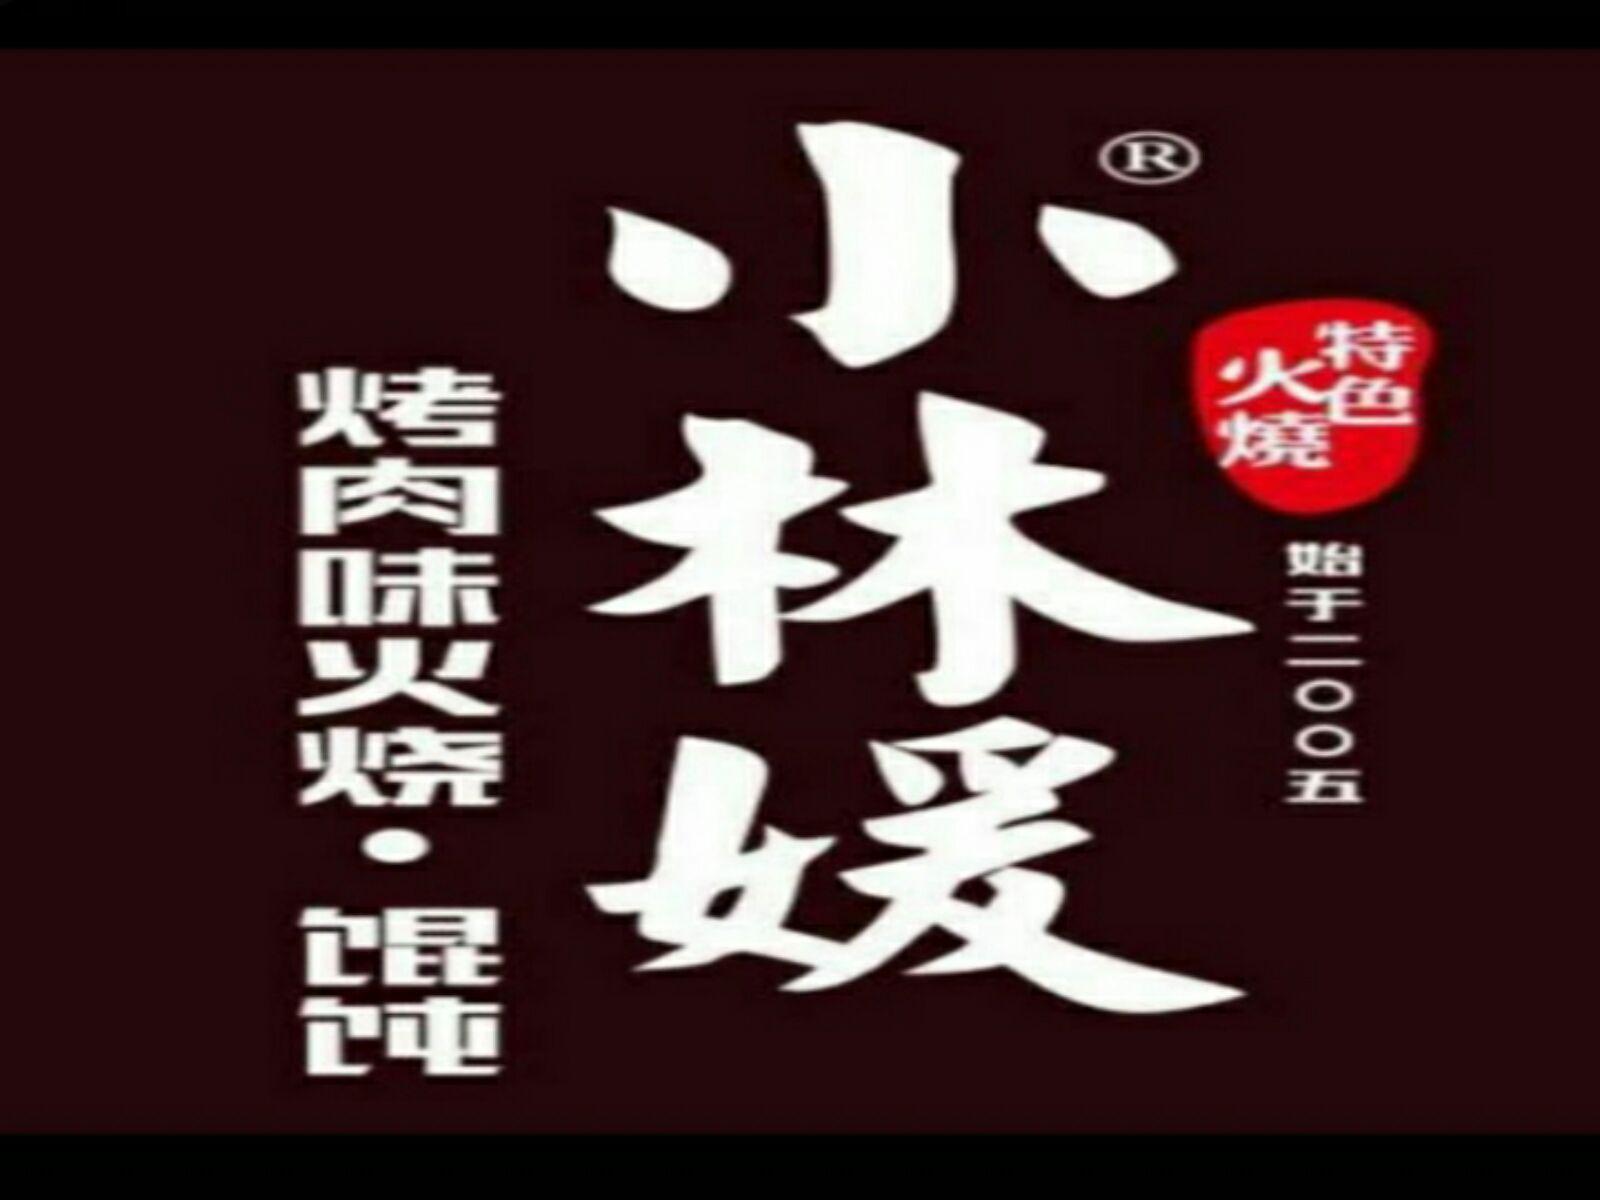 【青岛小林媛地址味火烧】电话,视频,团购,订餐烤肉哈舞图片